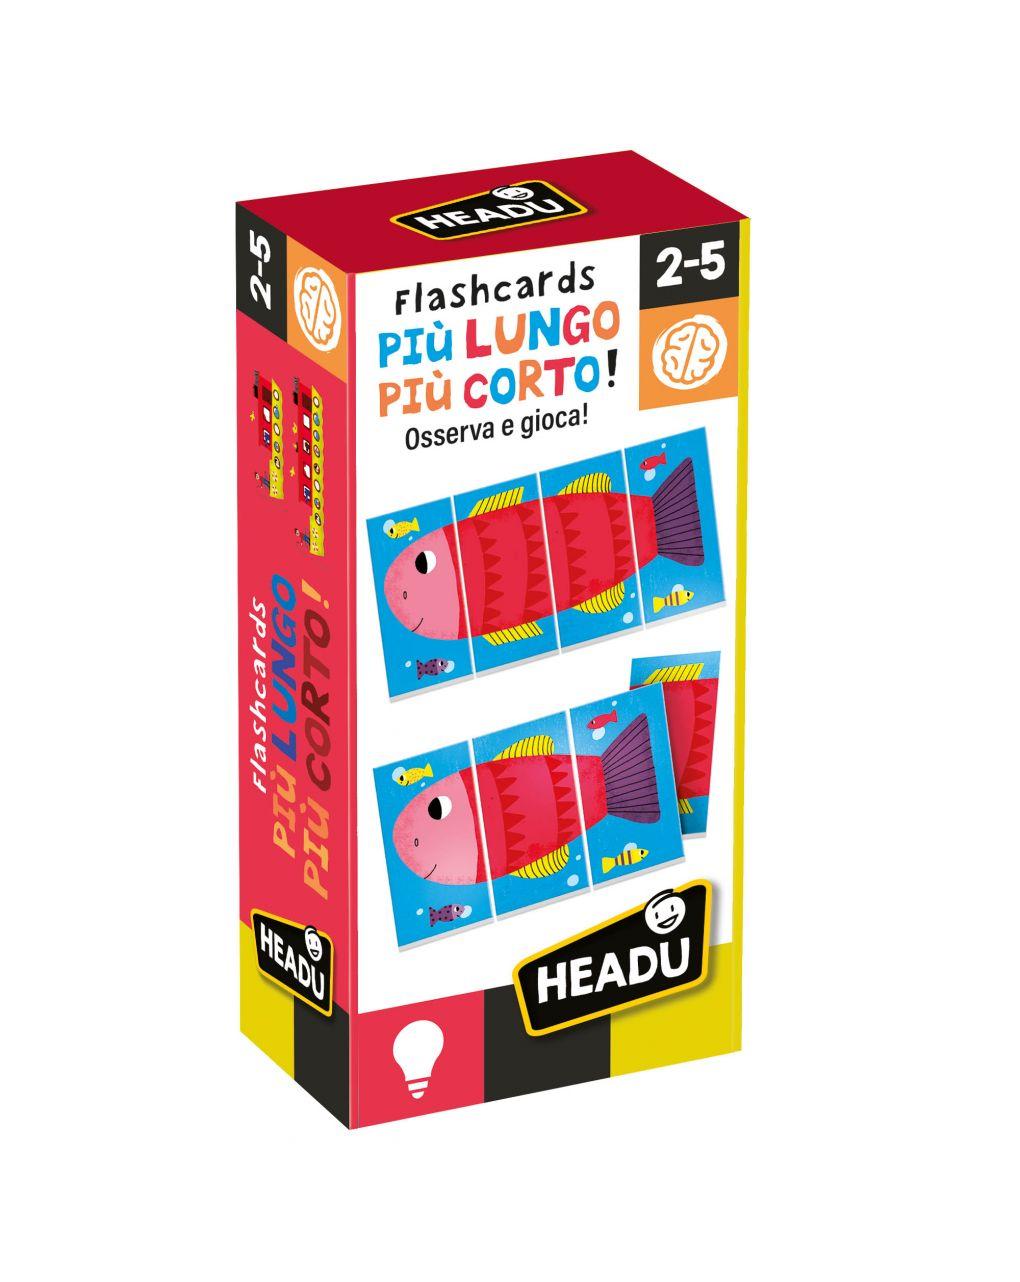 Flashcards più lungo e più corto - Headu